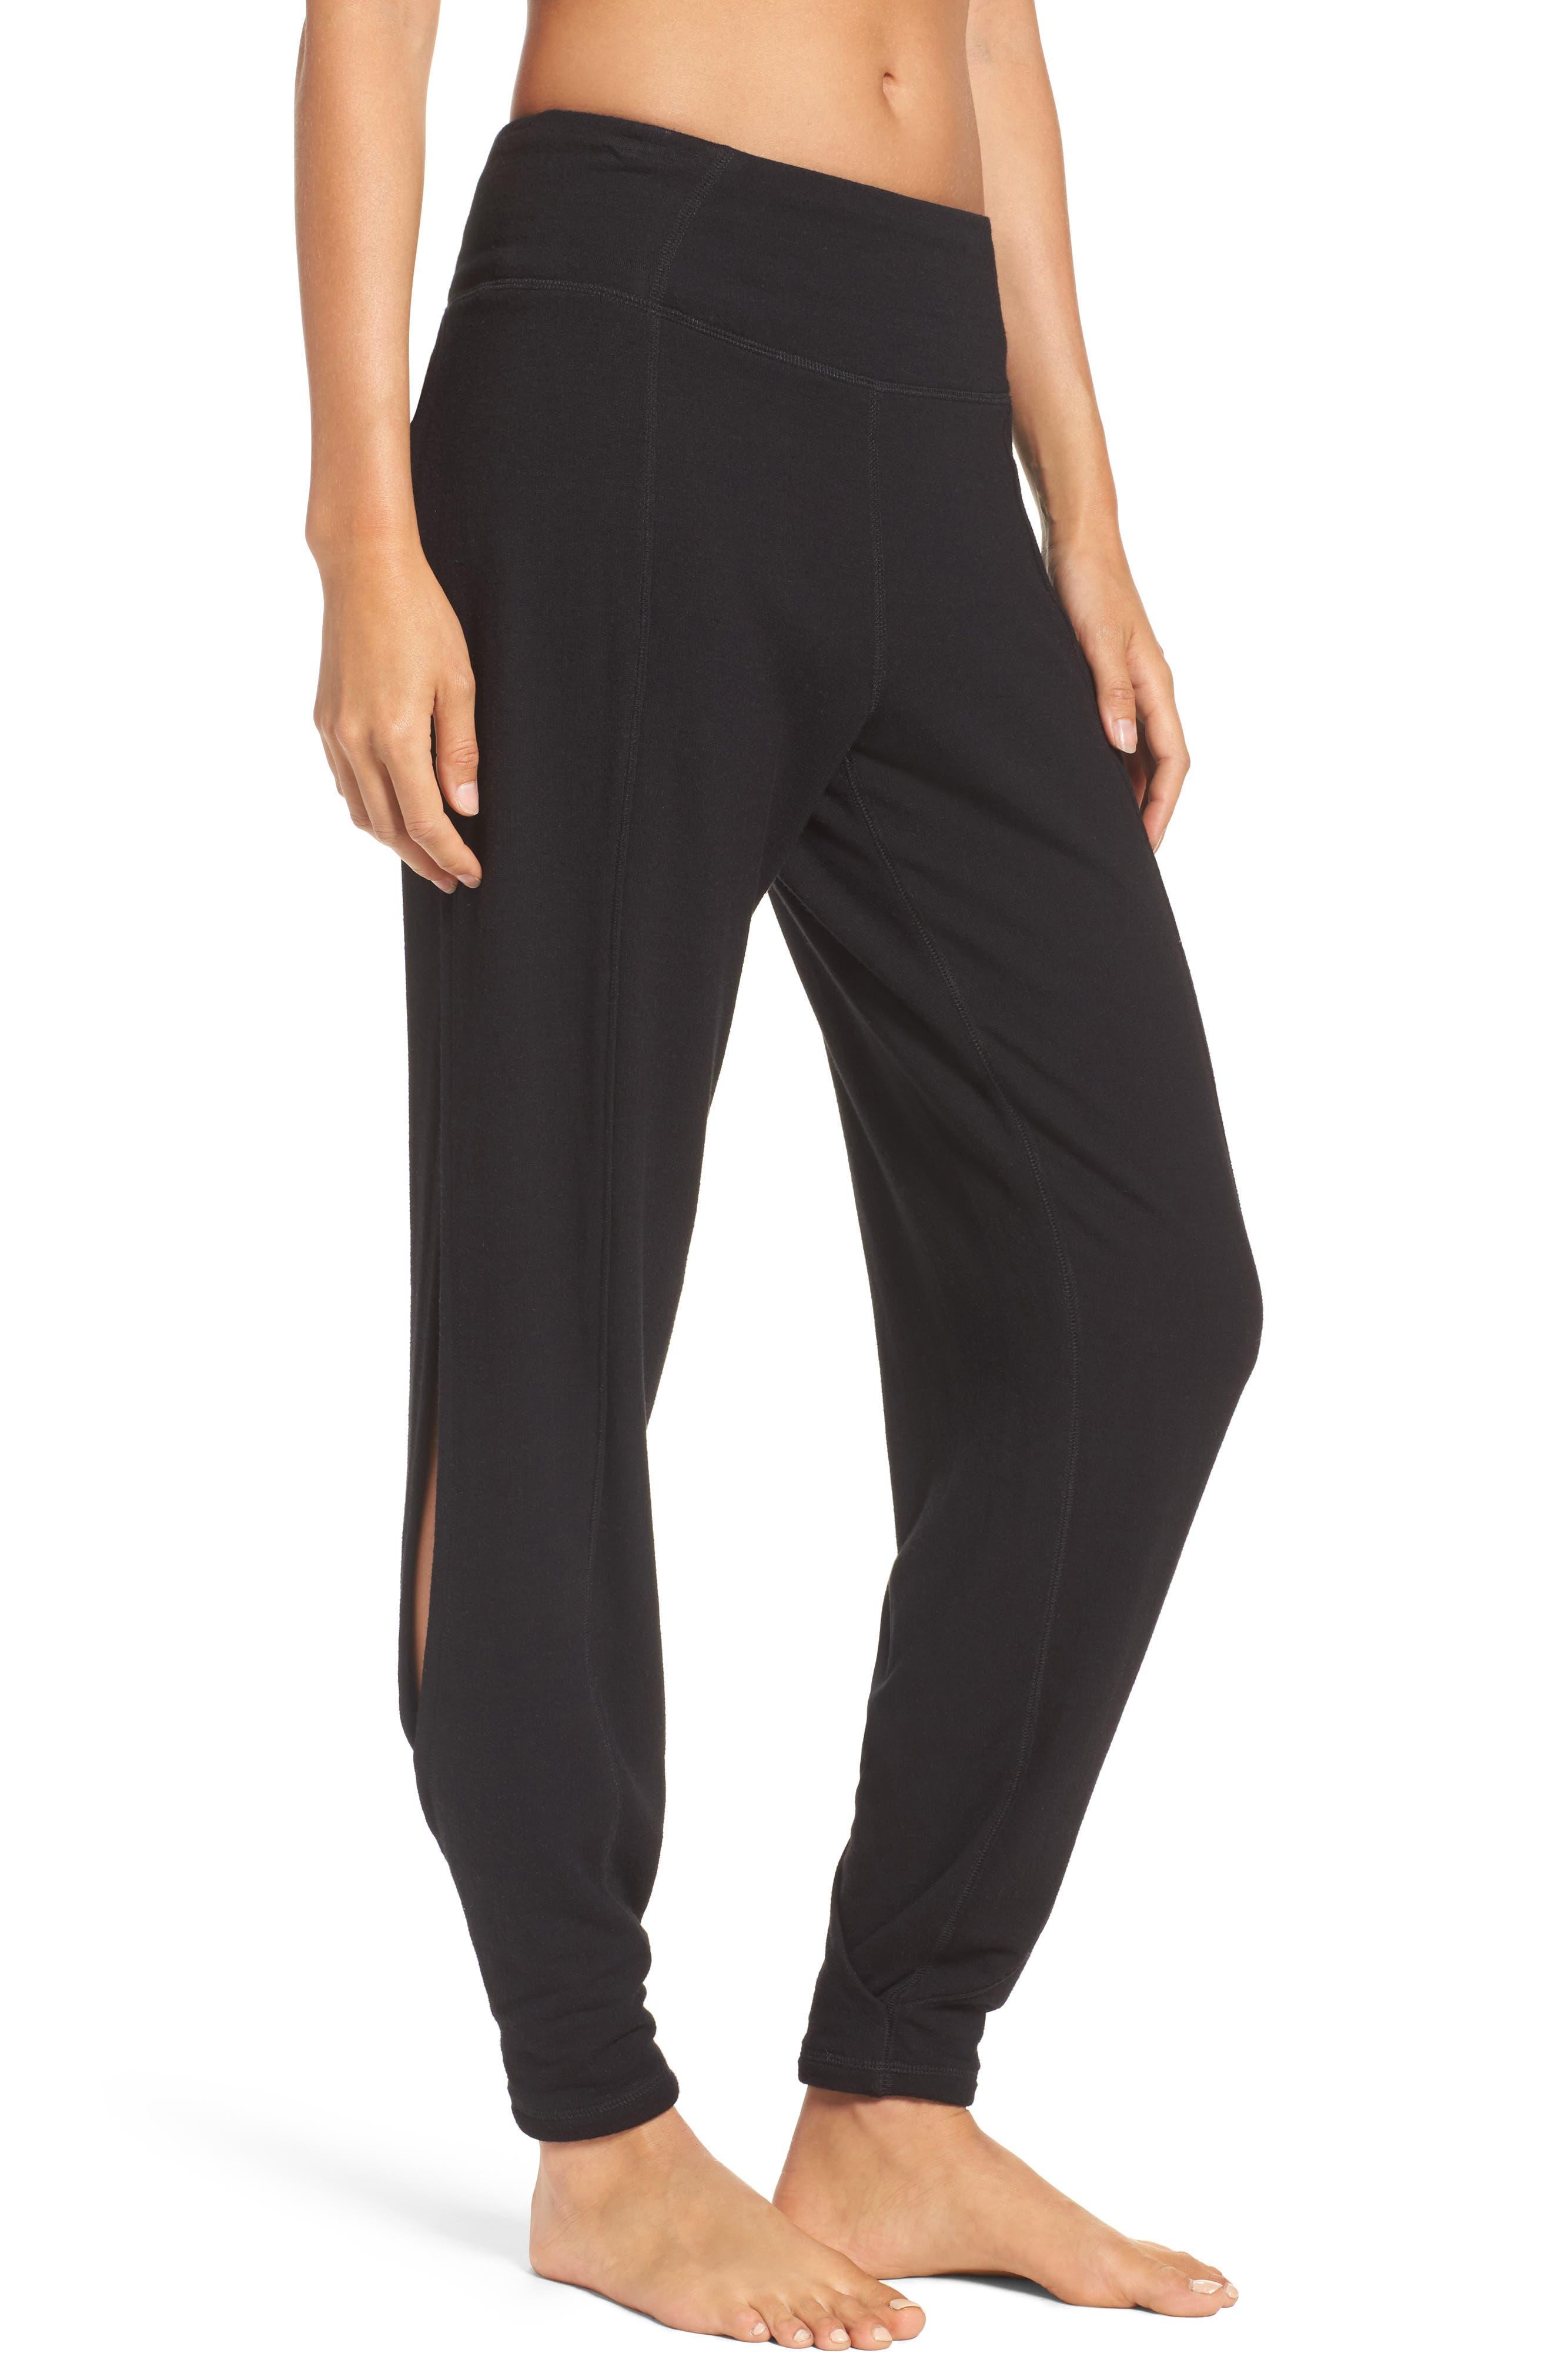 FP Movement Agile Pants,                         Main,                         color, Black